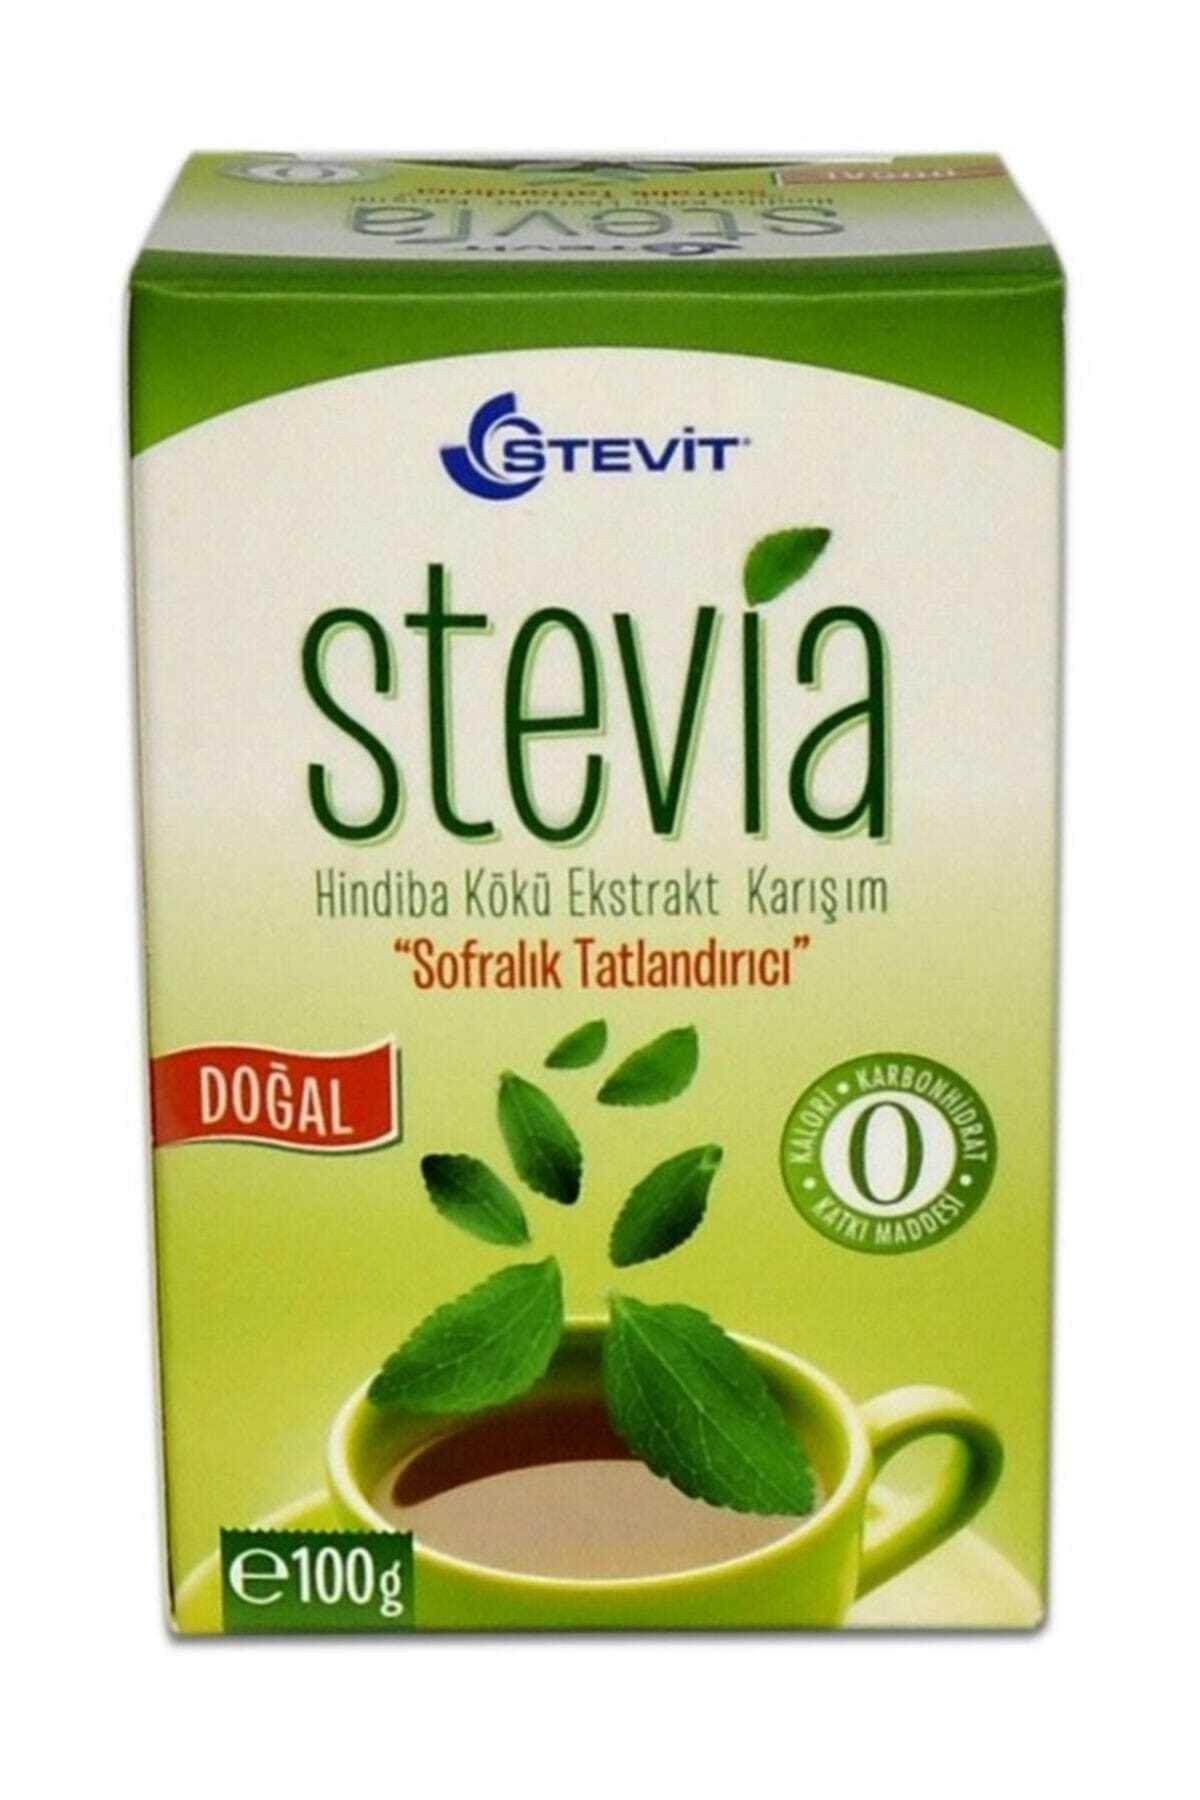 Balen Stevia Hindiba Kökü Ekstrakt Karışım Tatlandırıcı Toz 100g 1